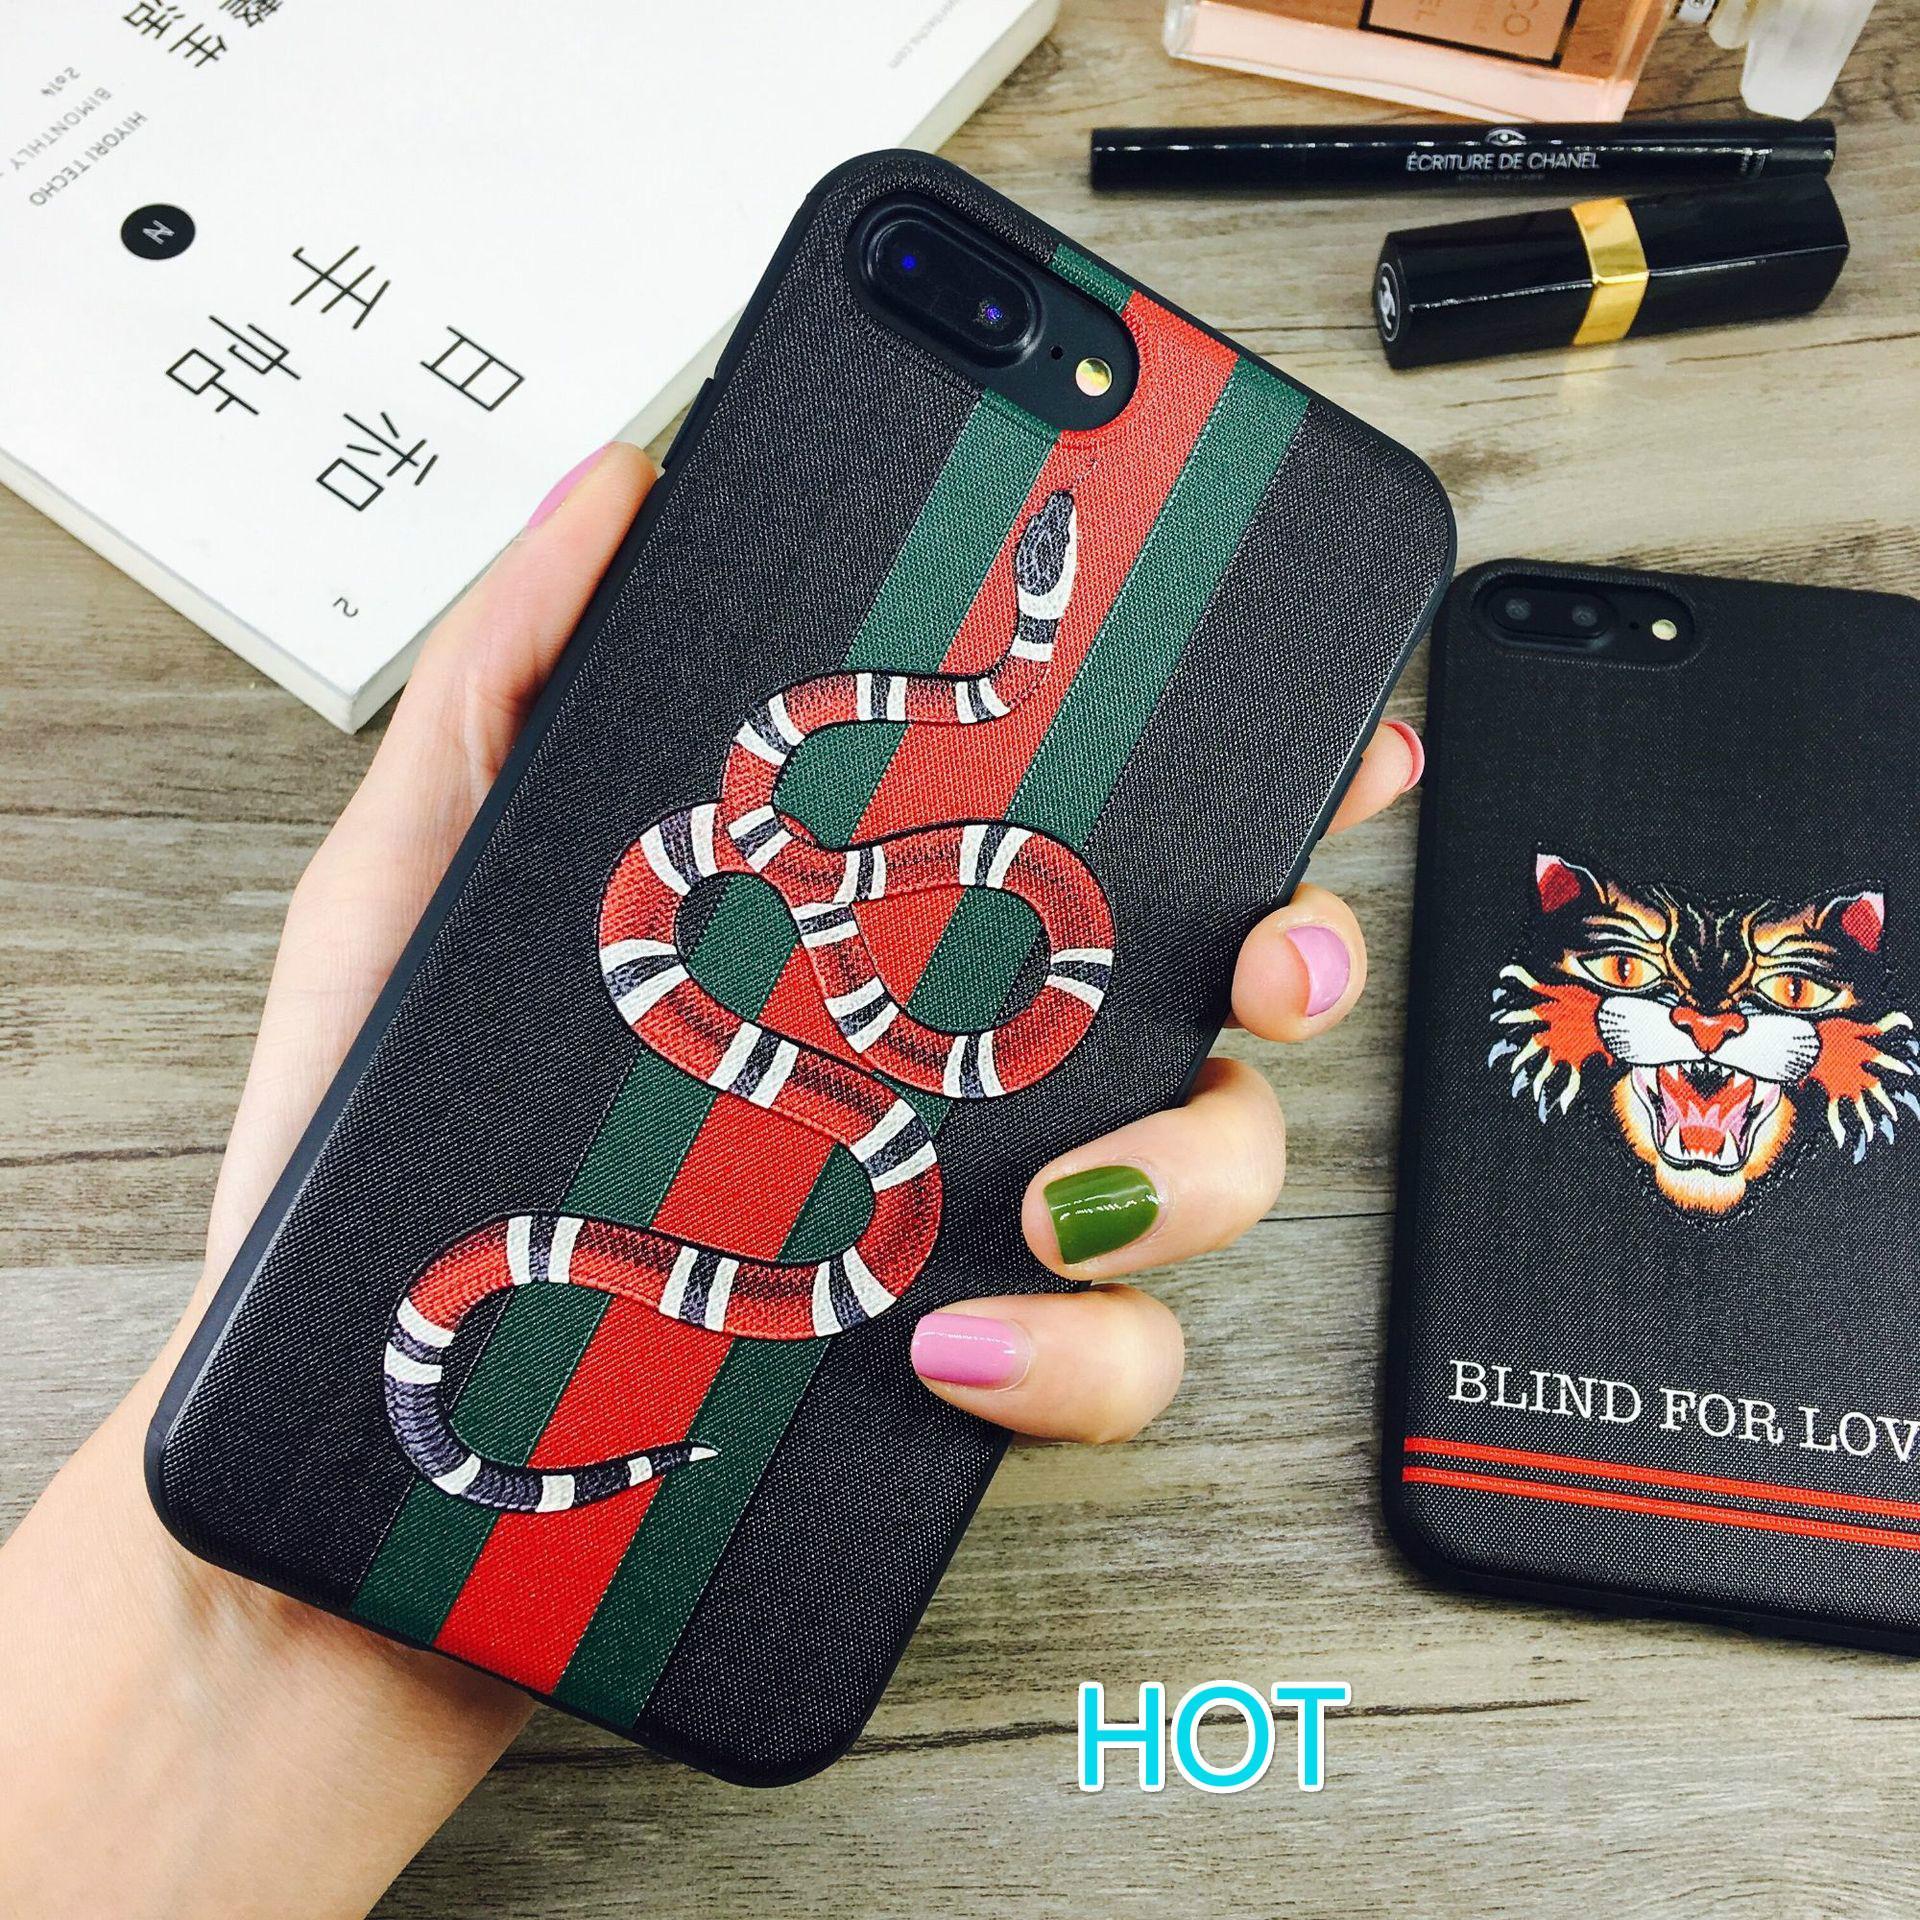 cheap designer phone case for iphone x 6 6s 6plus 6s plus 7 8 7plus